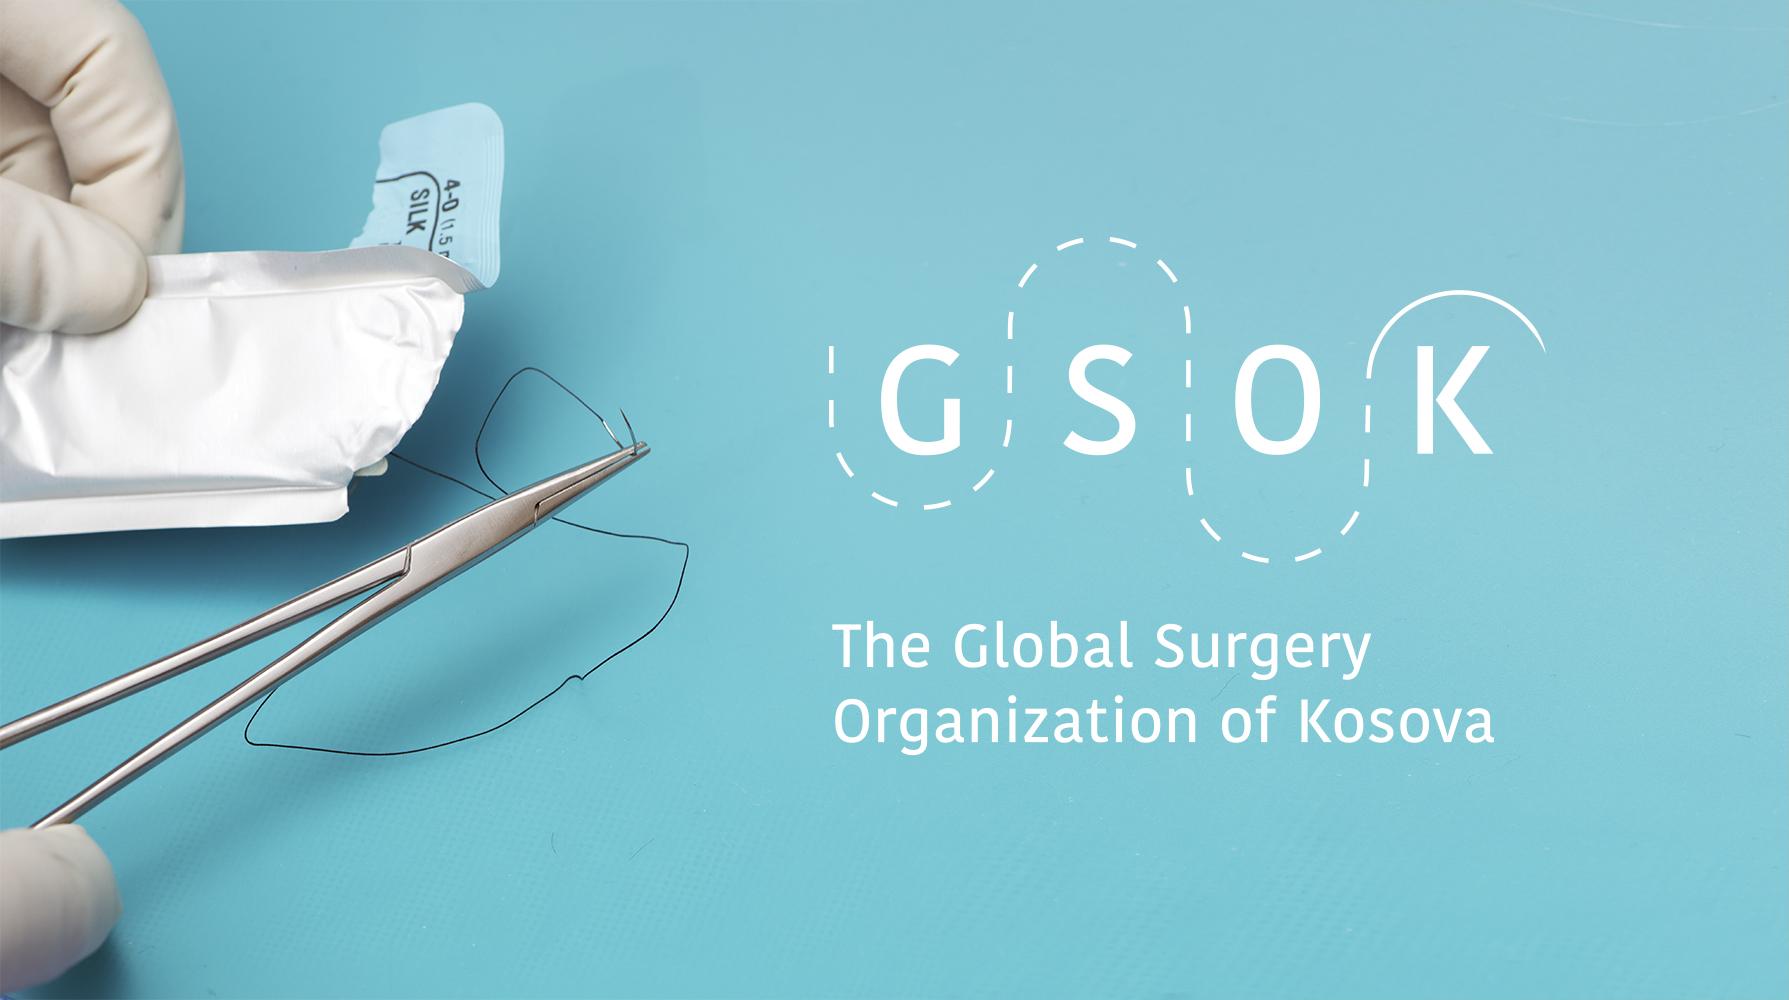 global_surgery_organization_of_kosova.jpg